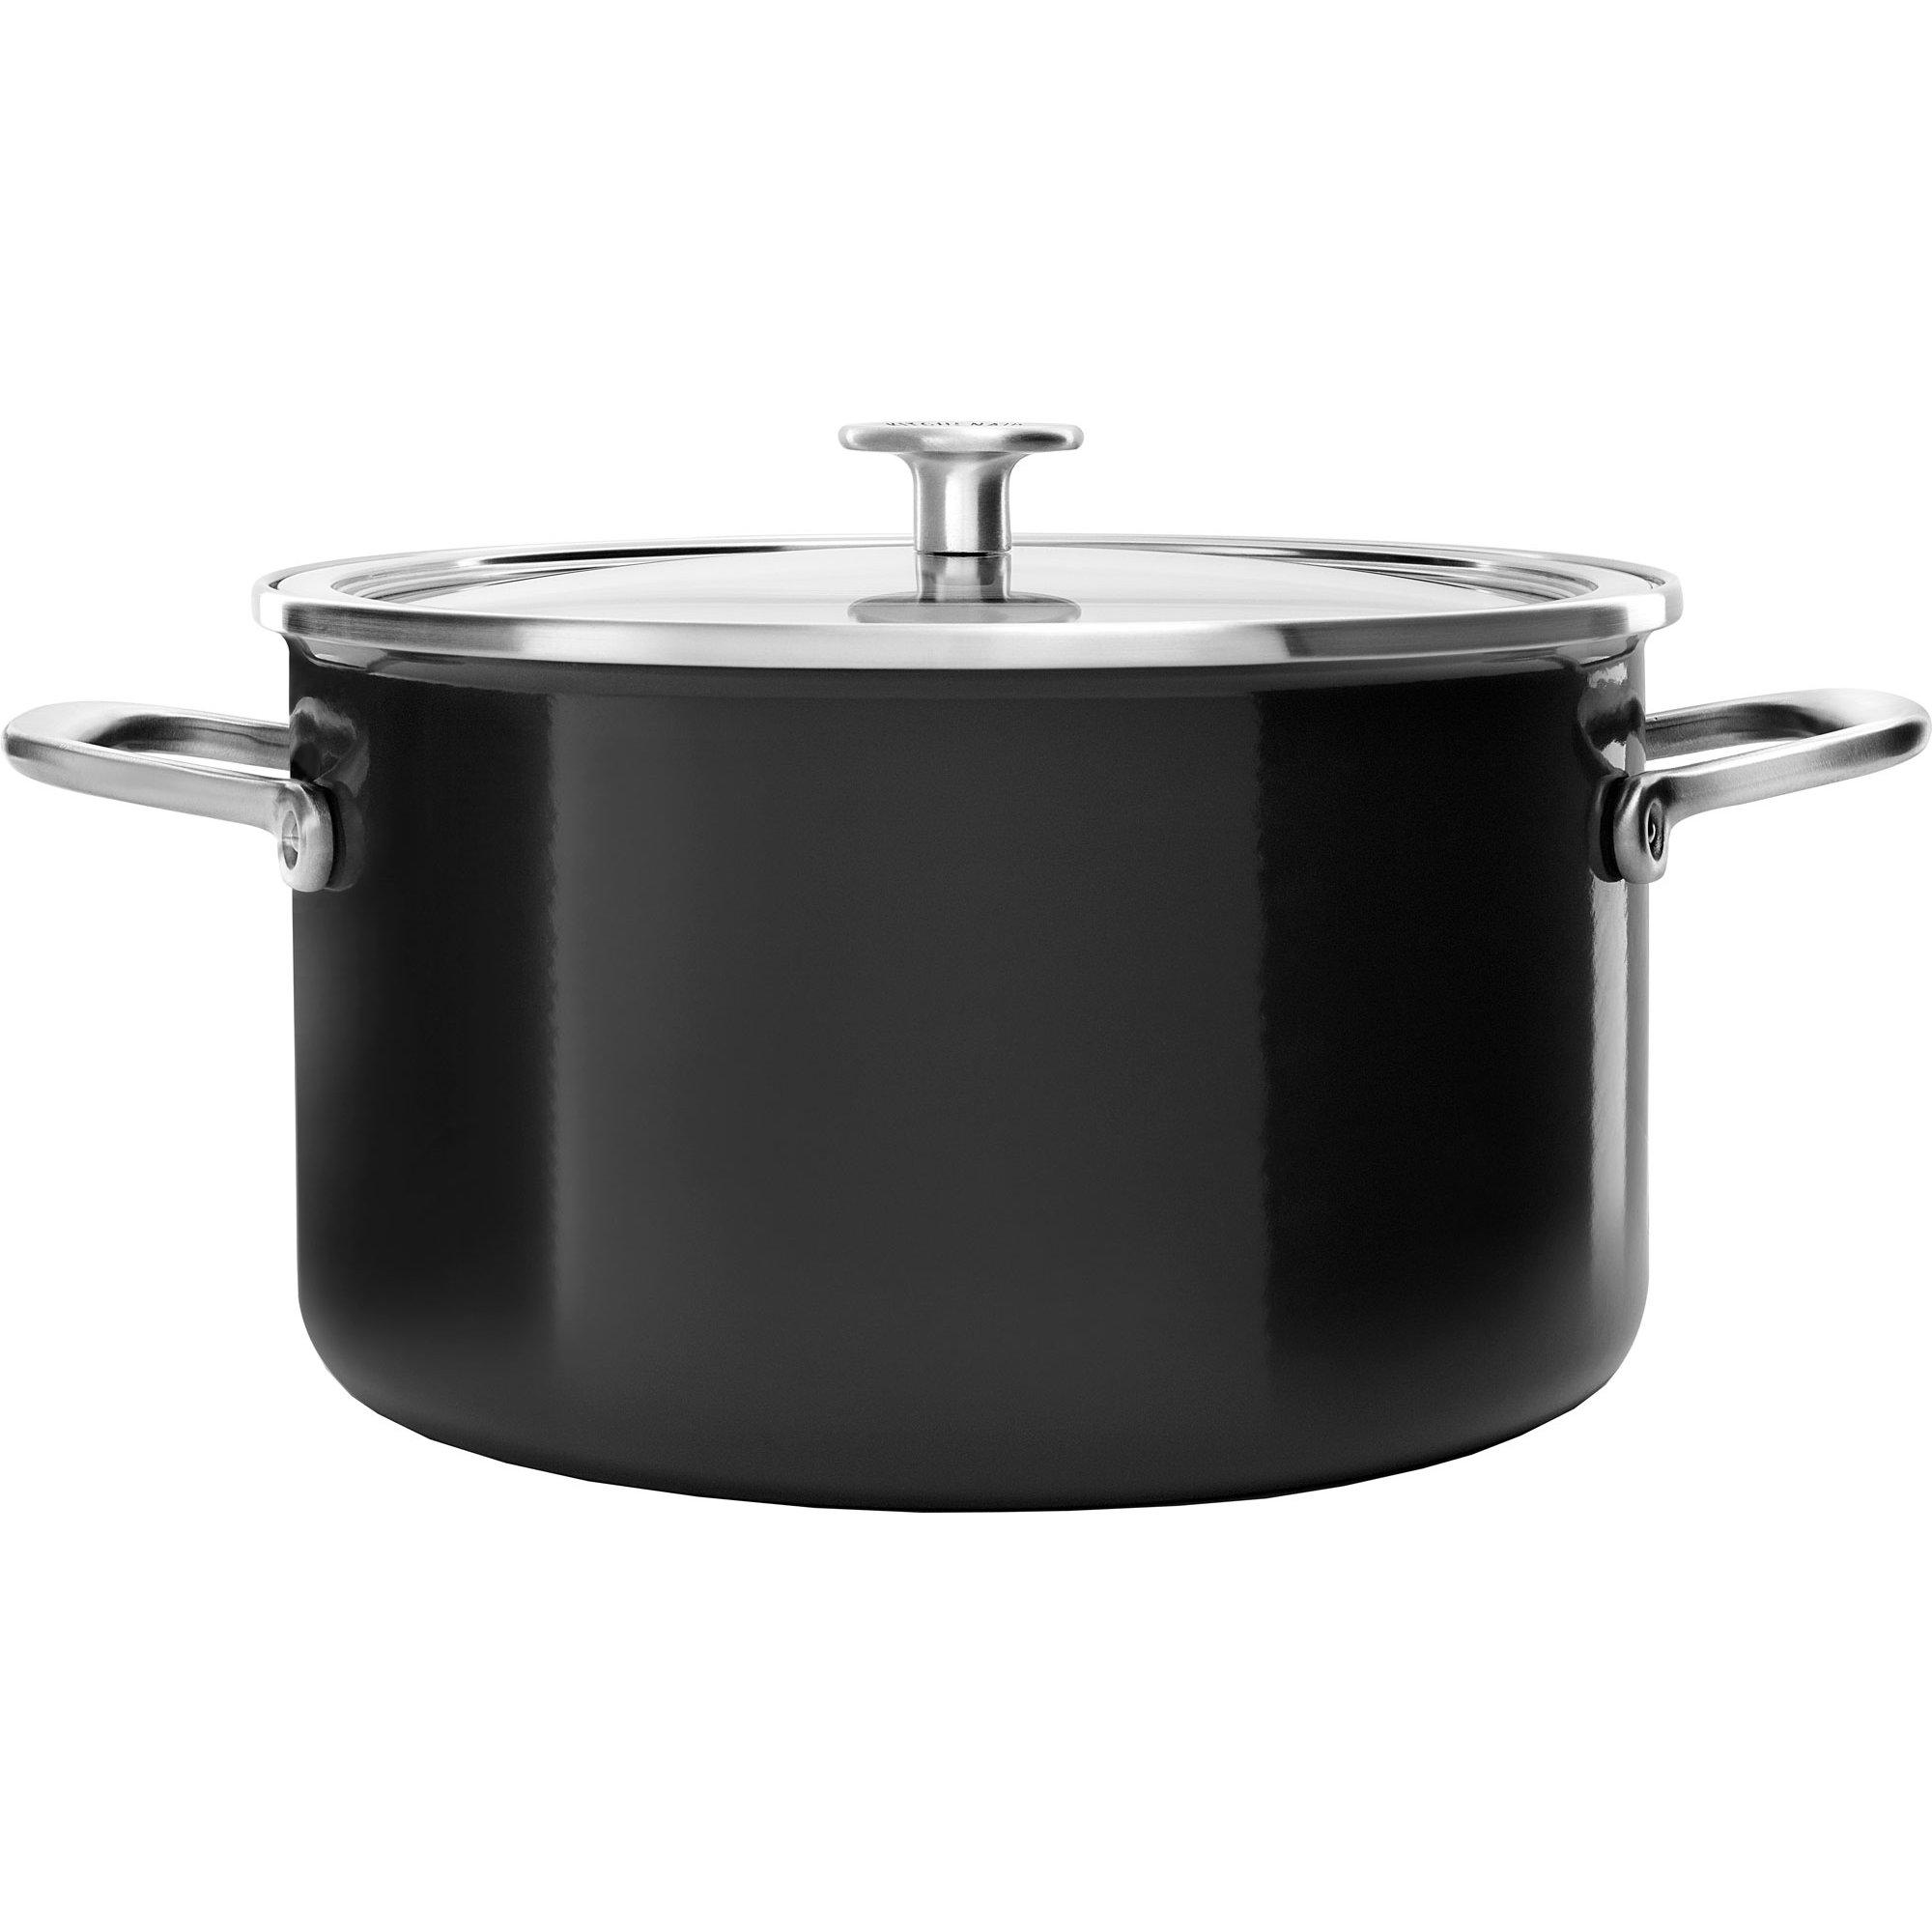 KitchenAid Cookware Collection Gryta m/lock 24 cm svart